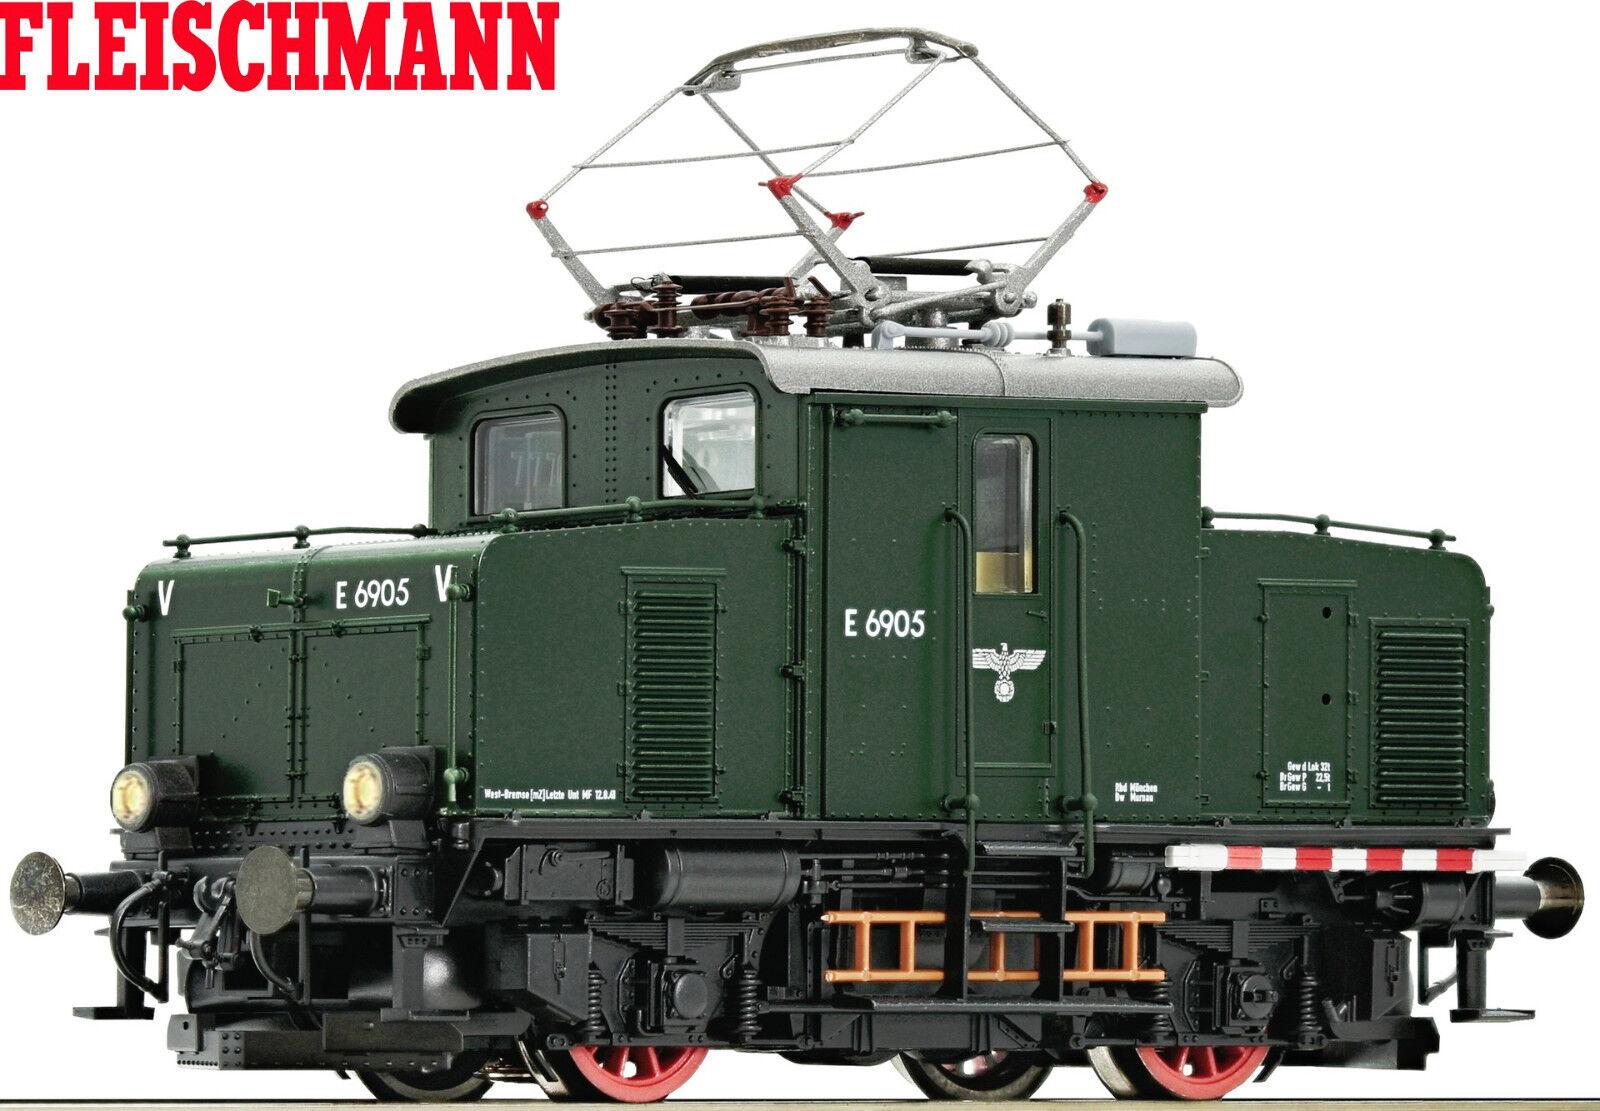 Fleischmann H0 390072 Locomotiva Elettrica e 69 Der Drb    per   Digitale+